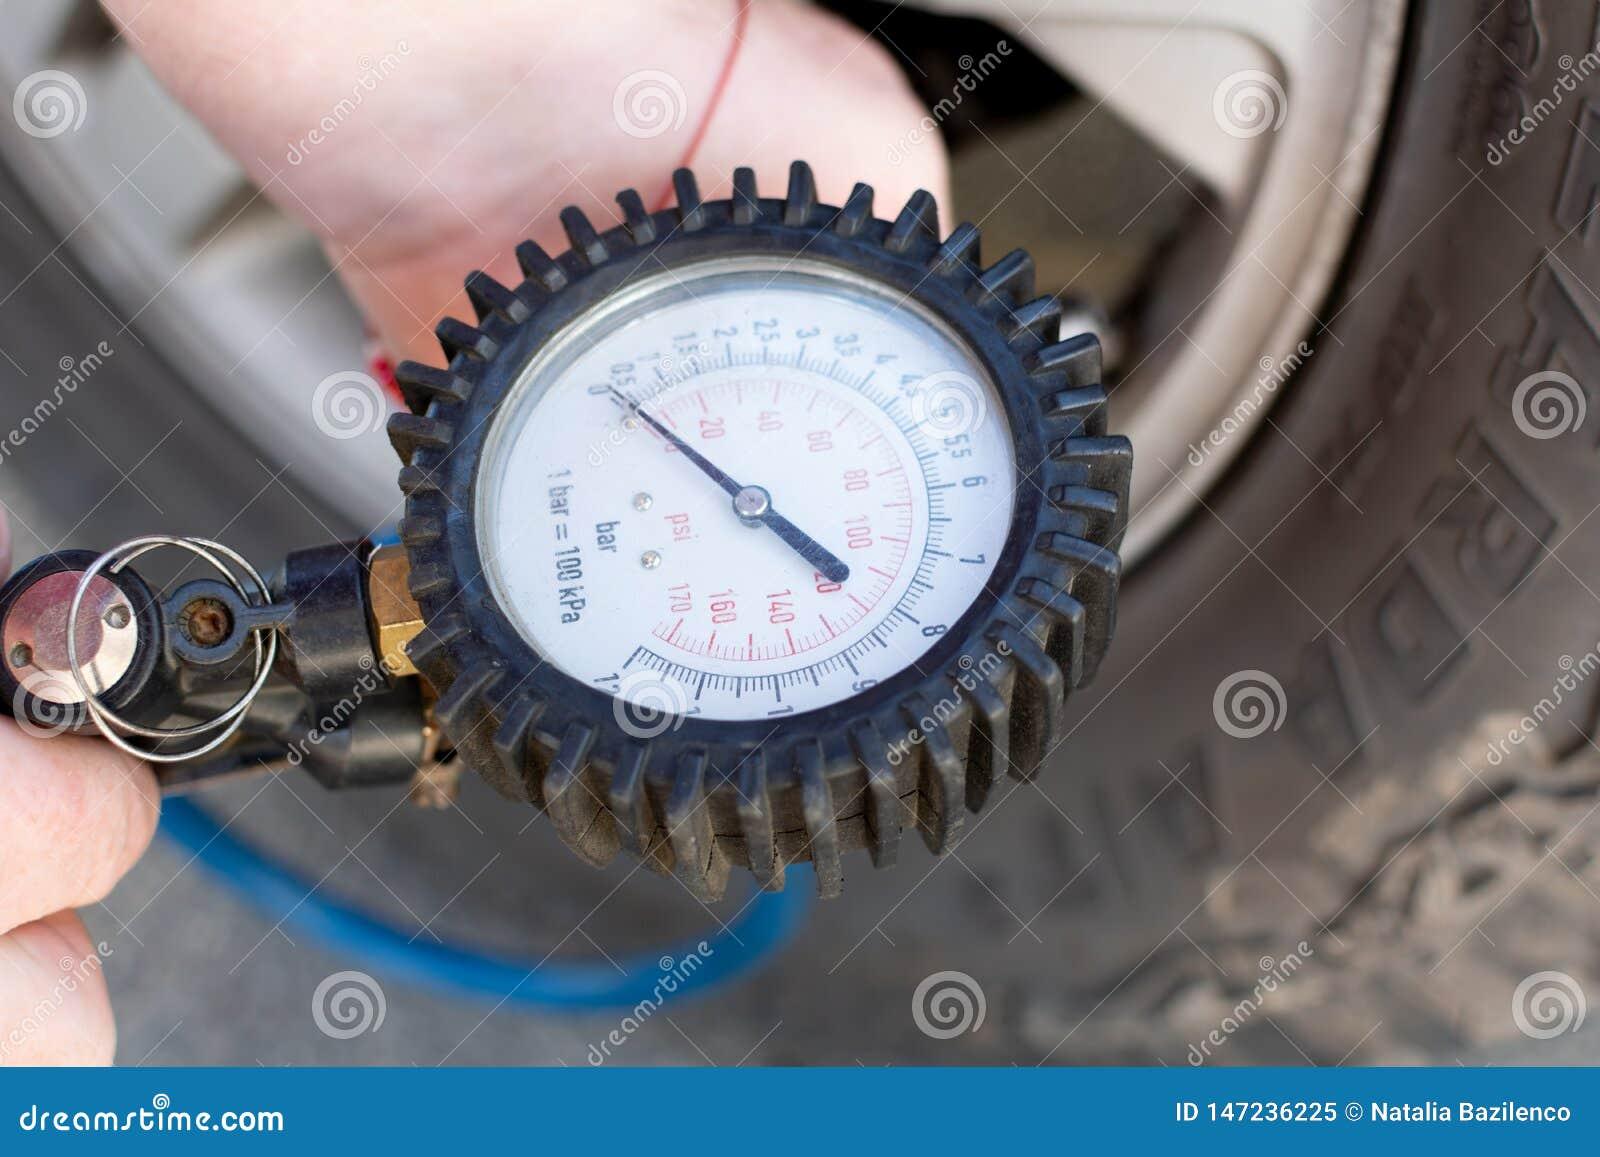 Meisje met een rode snuisterij op haar handpompen op banden met een compressor voor het pompen van banden bij een benzinestation